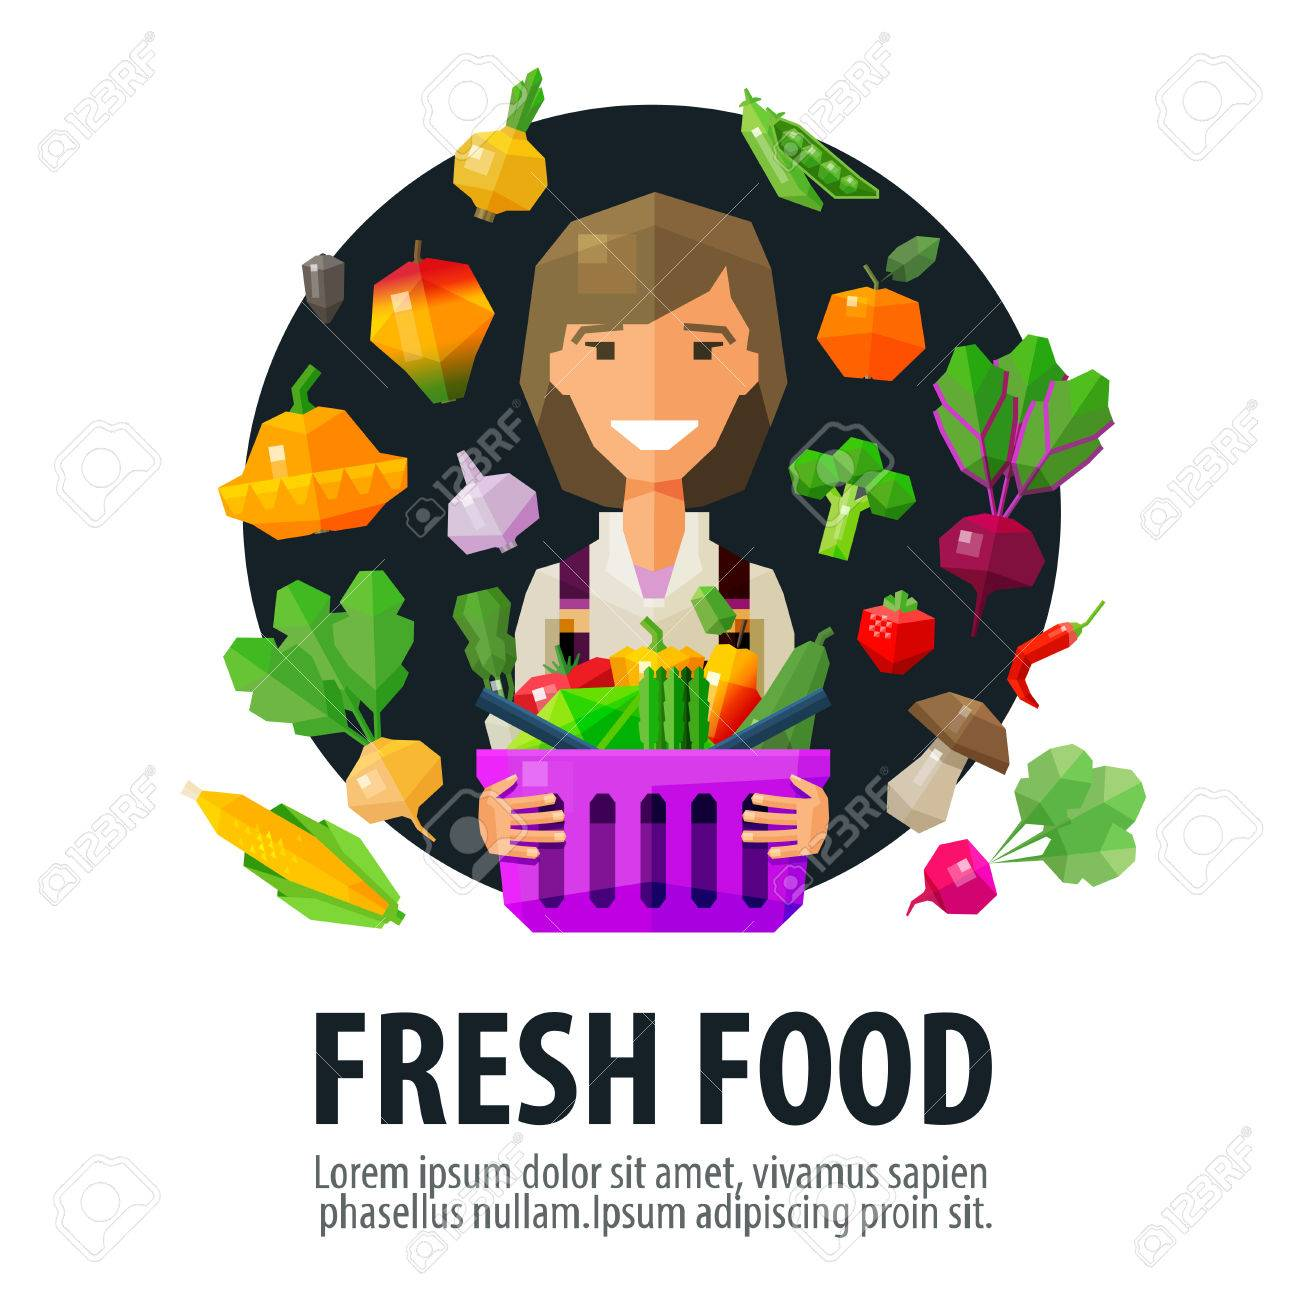 chica alegre joven con una cesta de frutas y hortalizas frescas. vector. ilustración plana Foto de archivo - 41049919